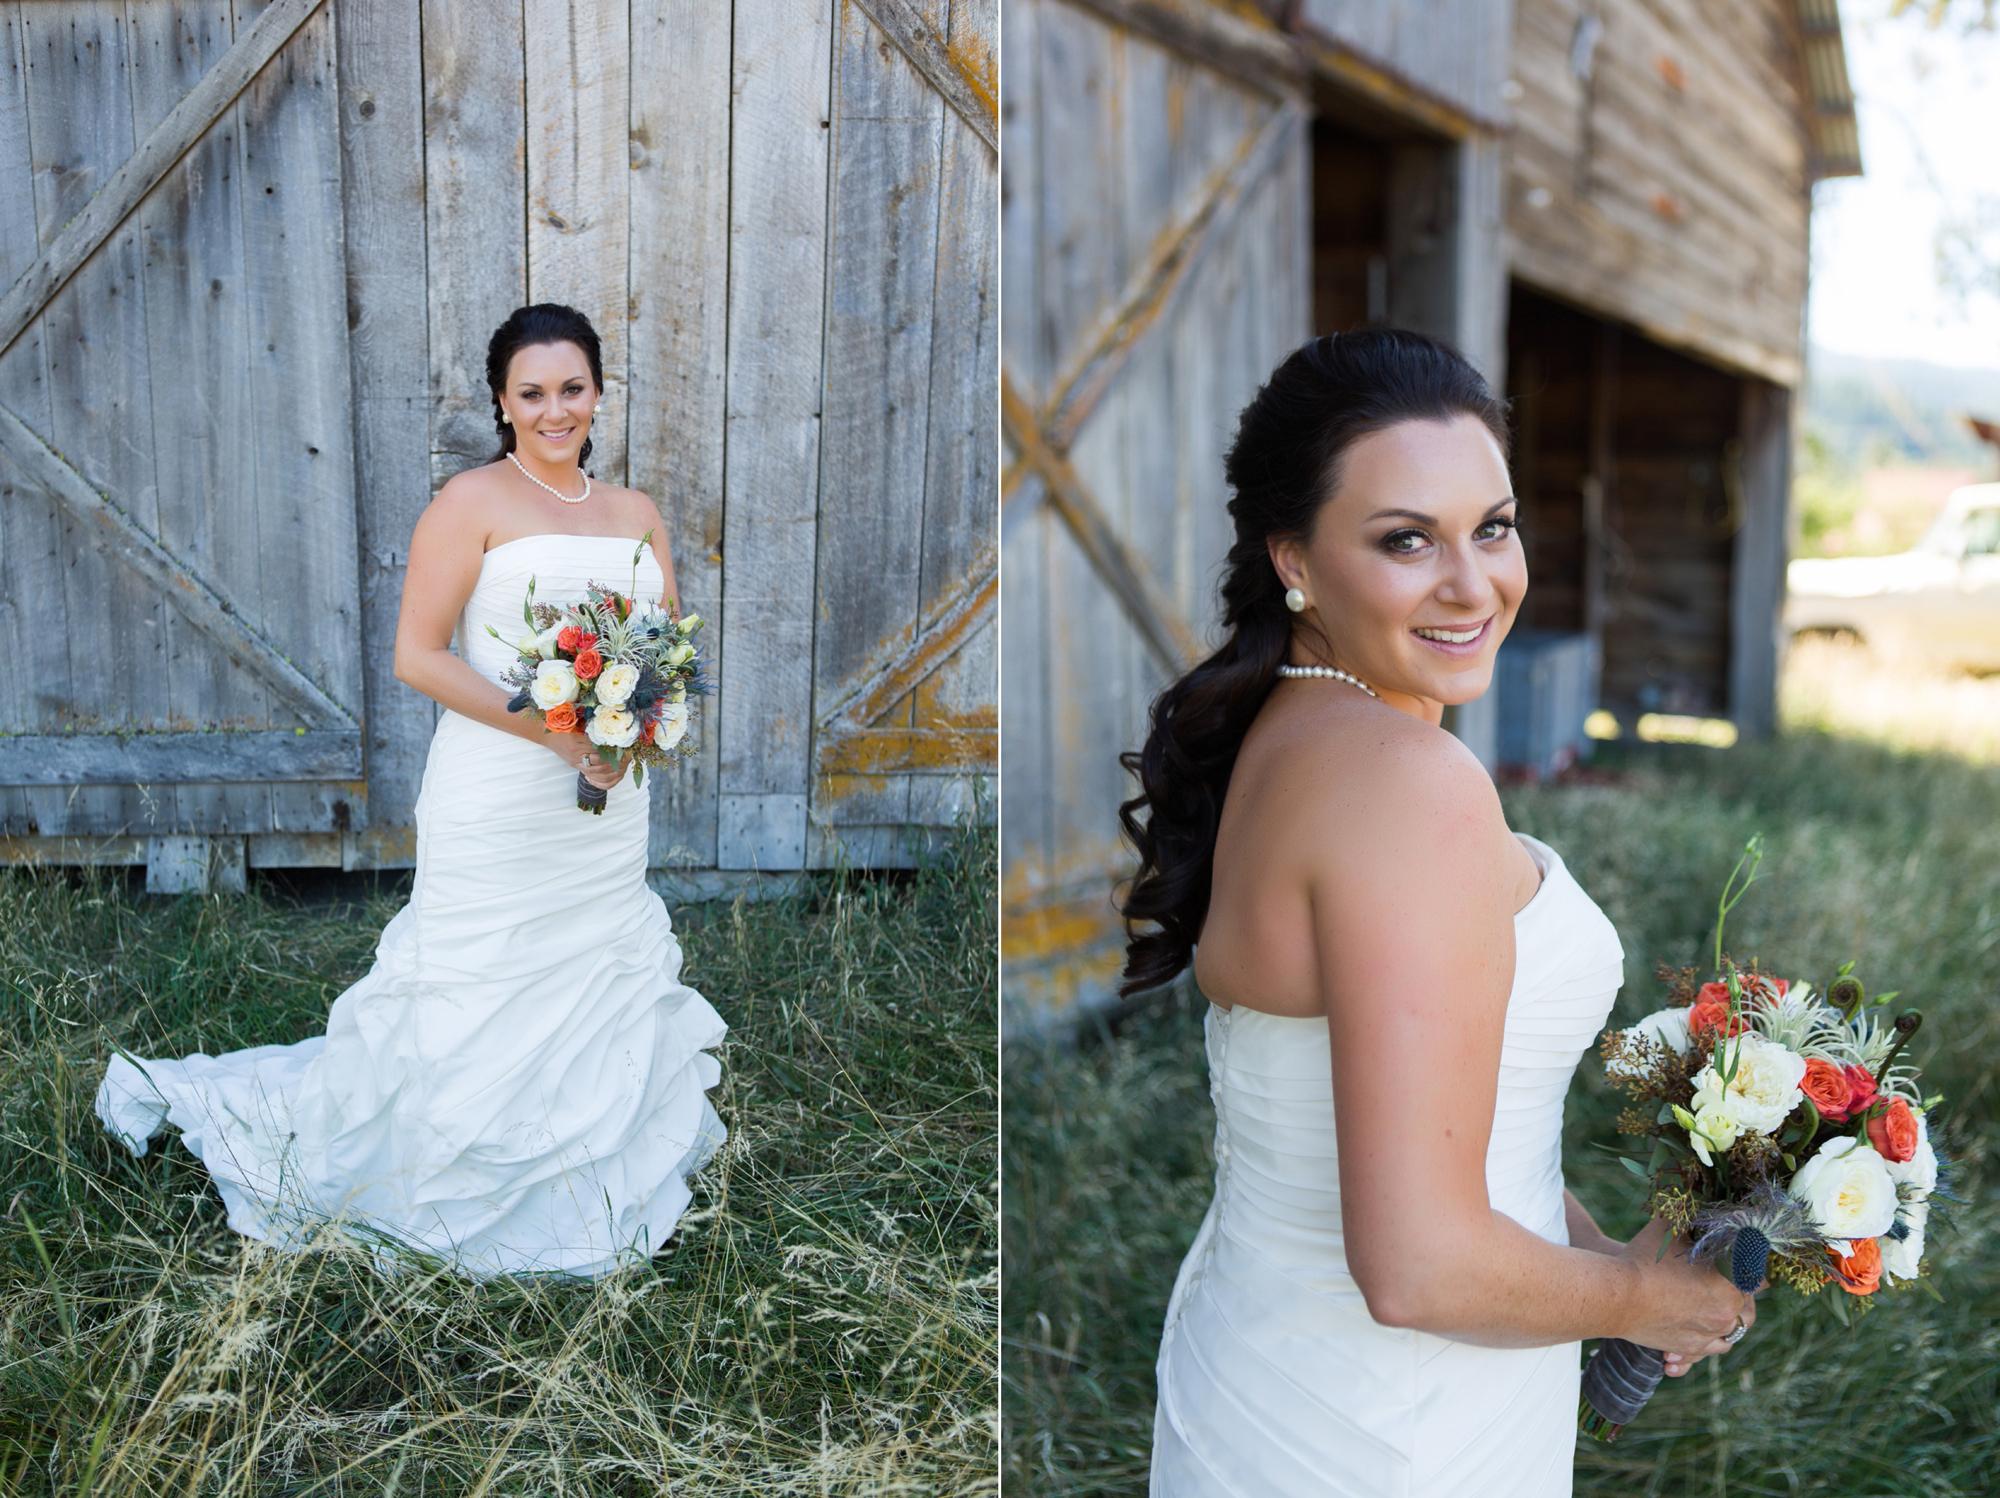 ashley vos photography seattle tacoma area wedding photographer_0810.jpg